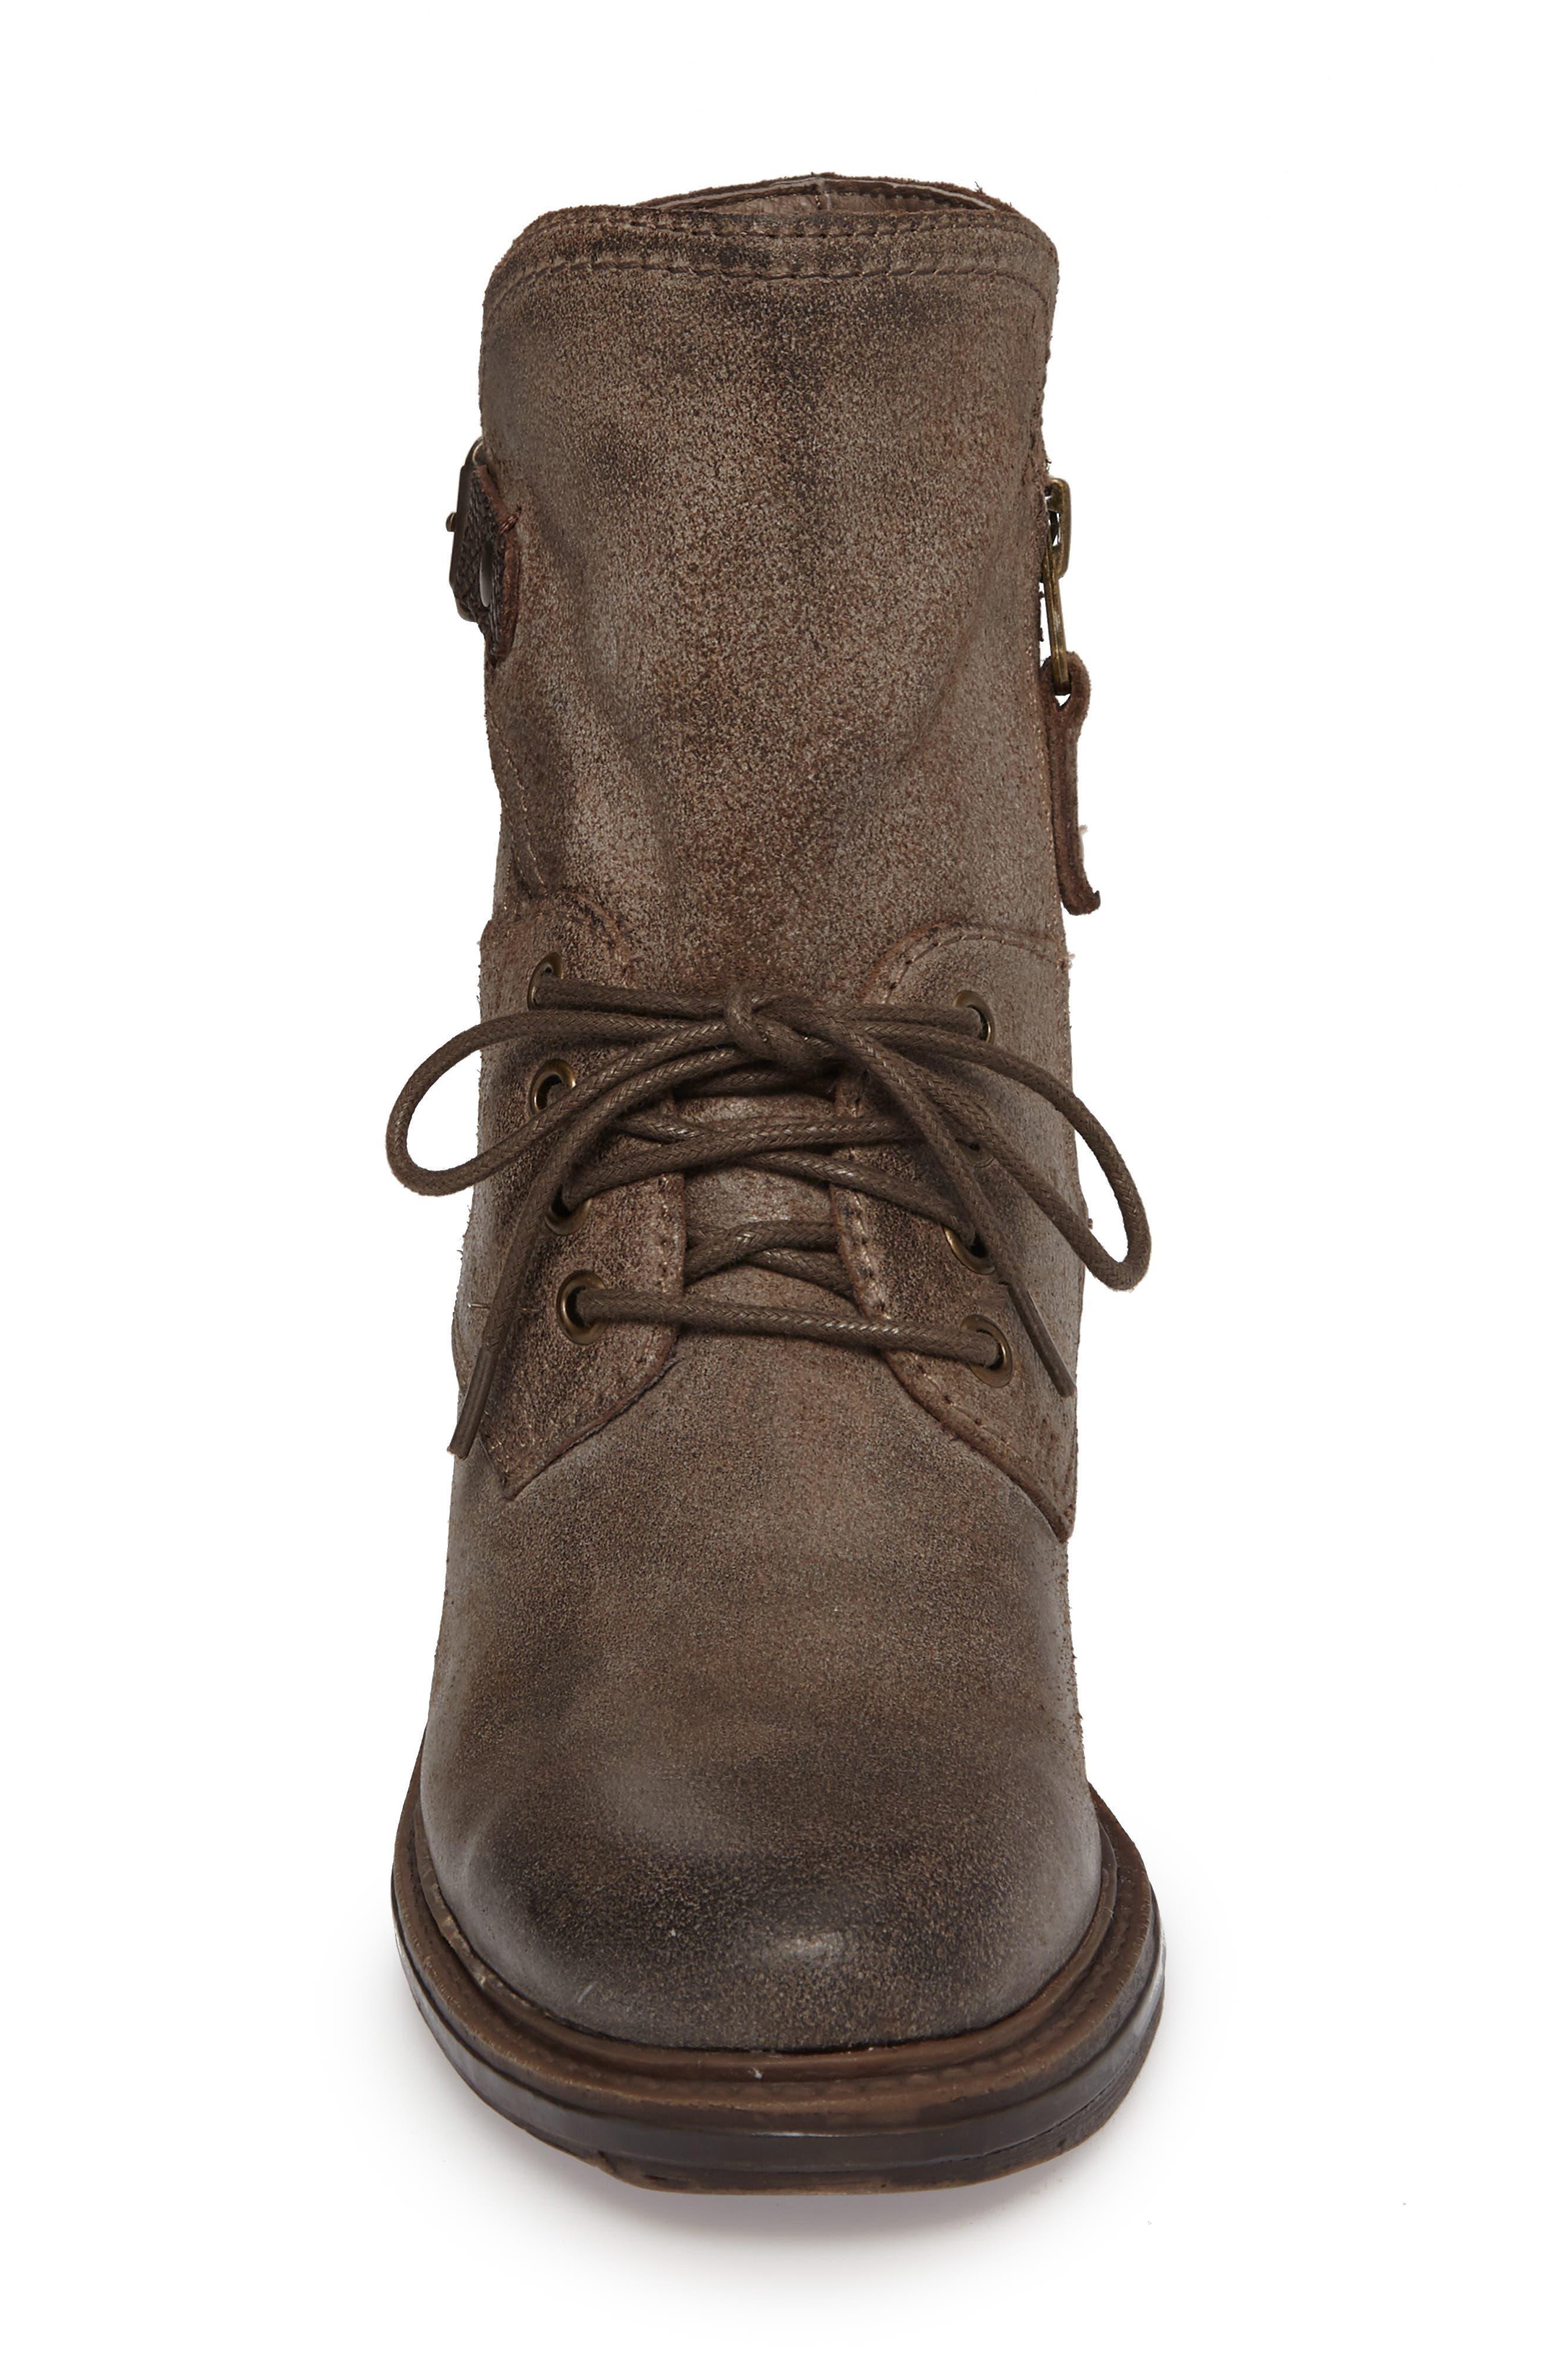 Gallivant Combat Bootie,                             Alternate thumbnail 4, color,                             Mint Leather